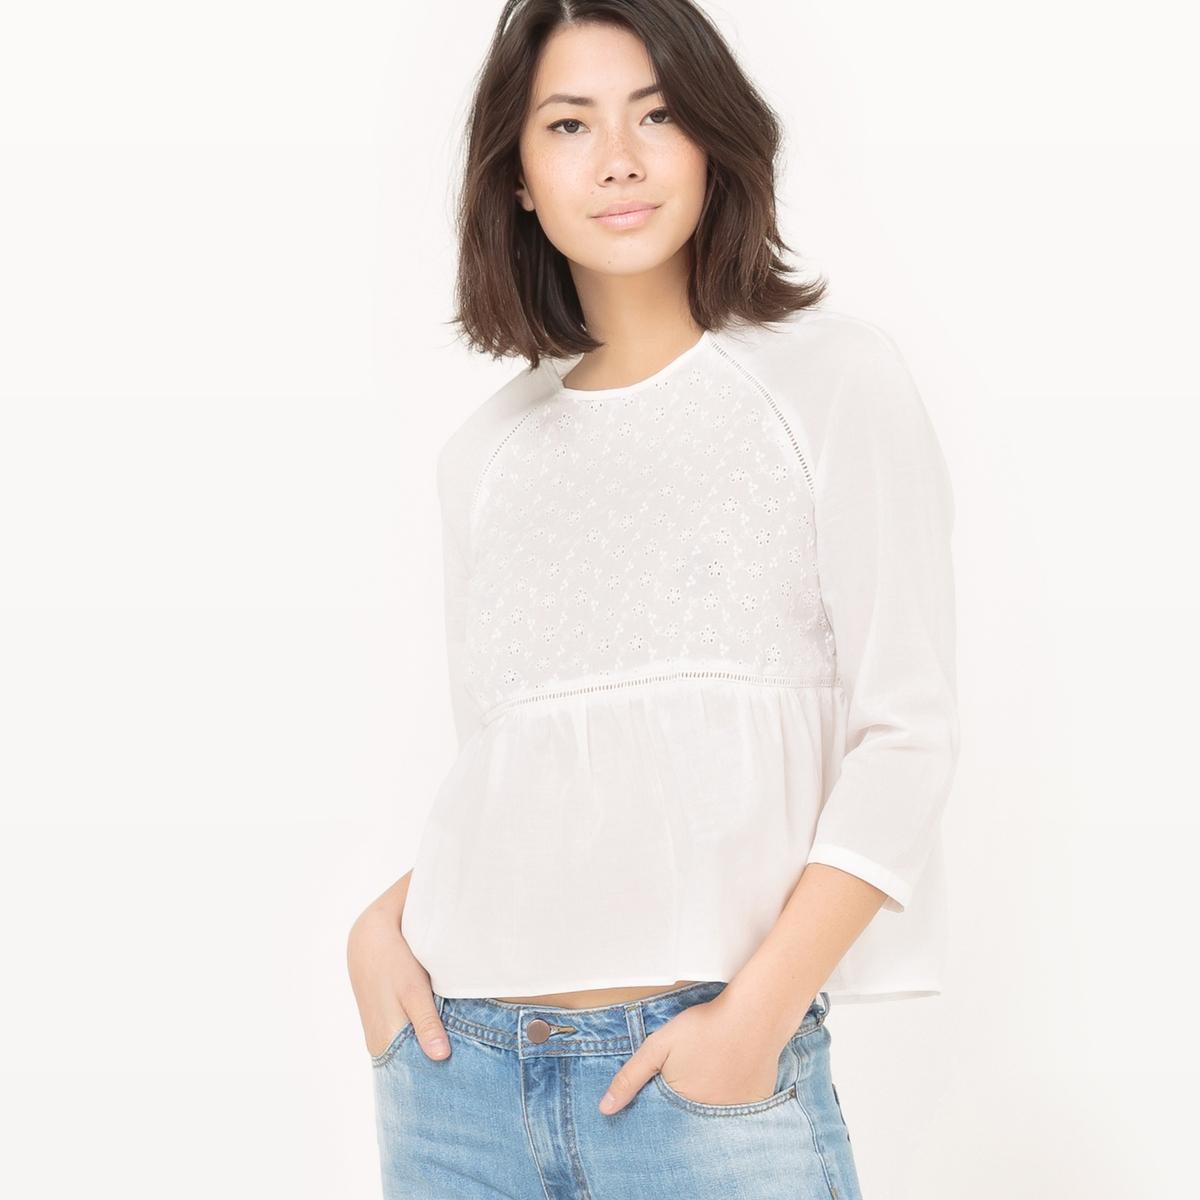 Blusa em algodão, mangas 3/4, bordado inglês